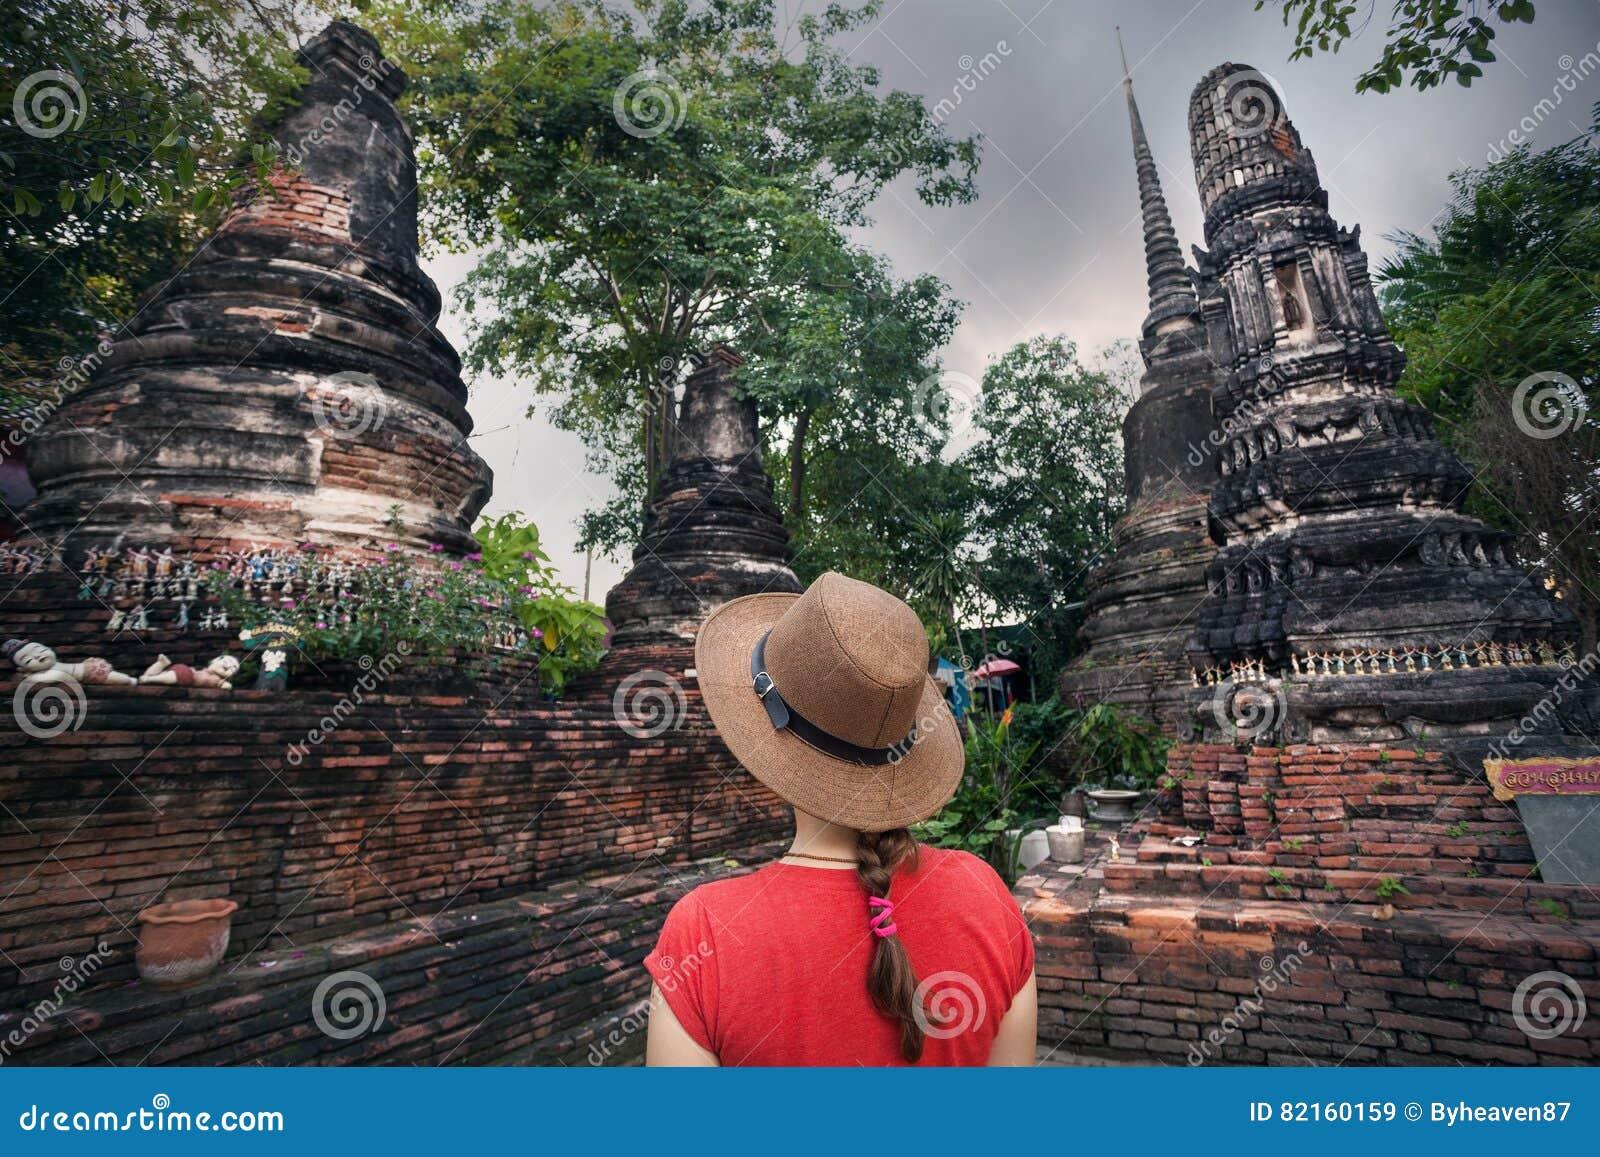 Ruins of Ancient capital Ayutthaya